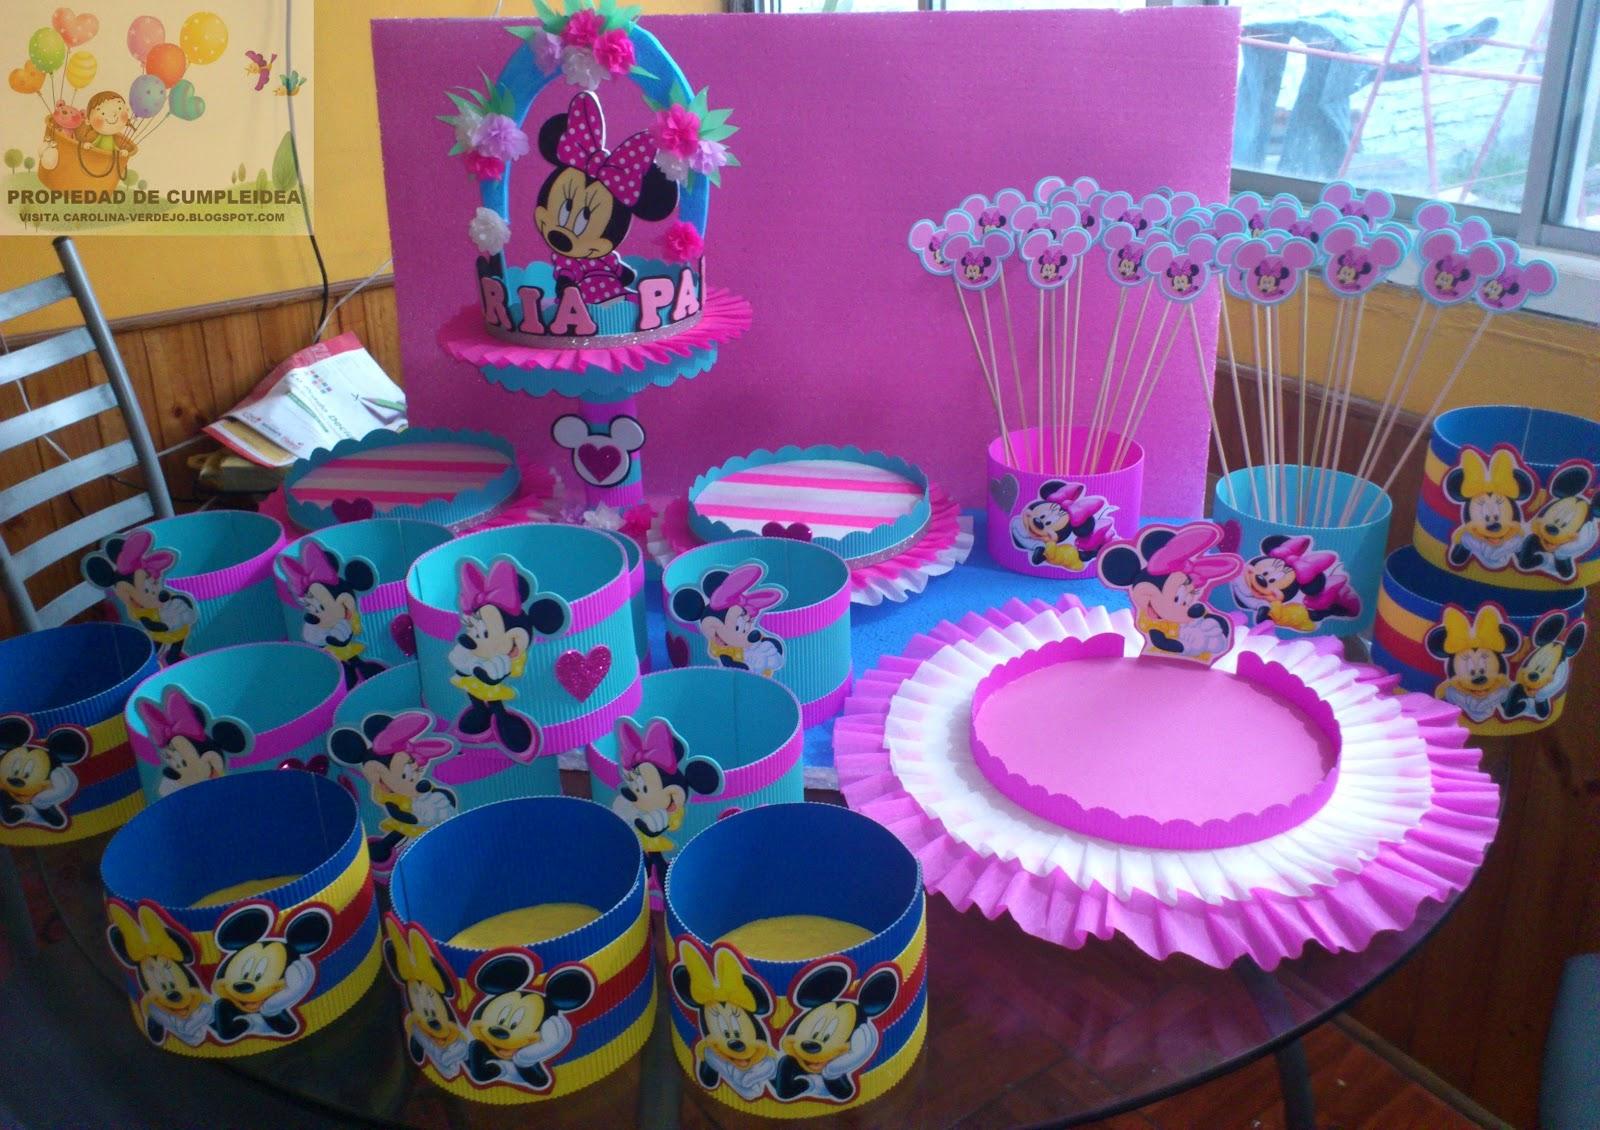 Decoraciones infantiles pack minnie flores - Decoracion cumples infantiles ...